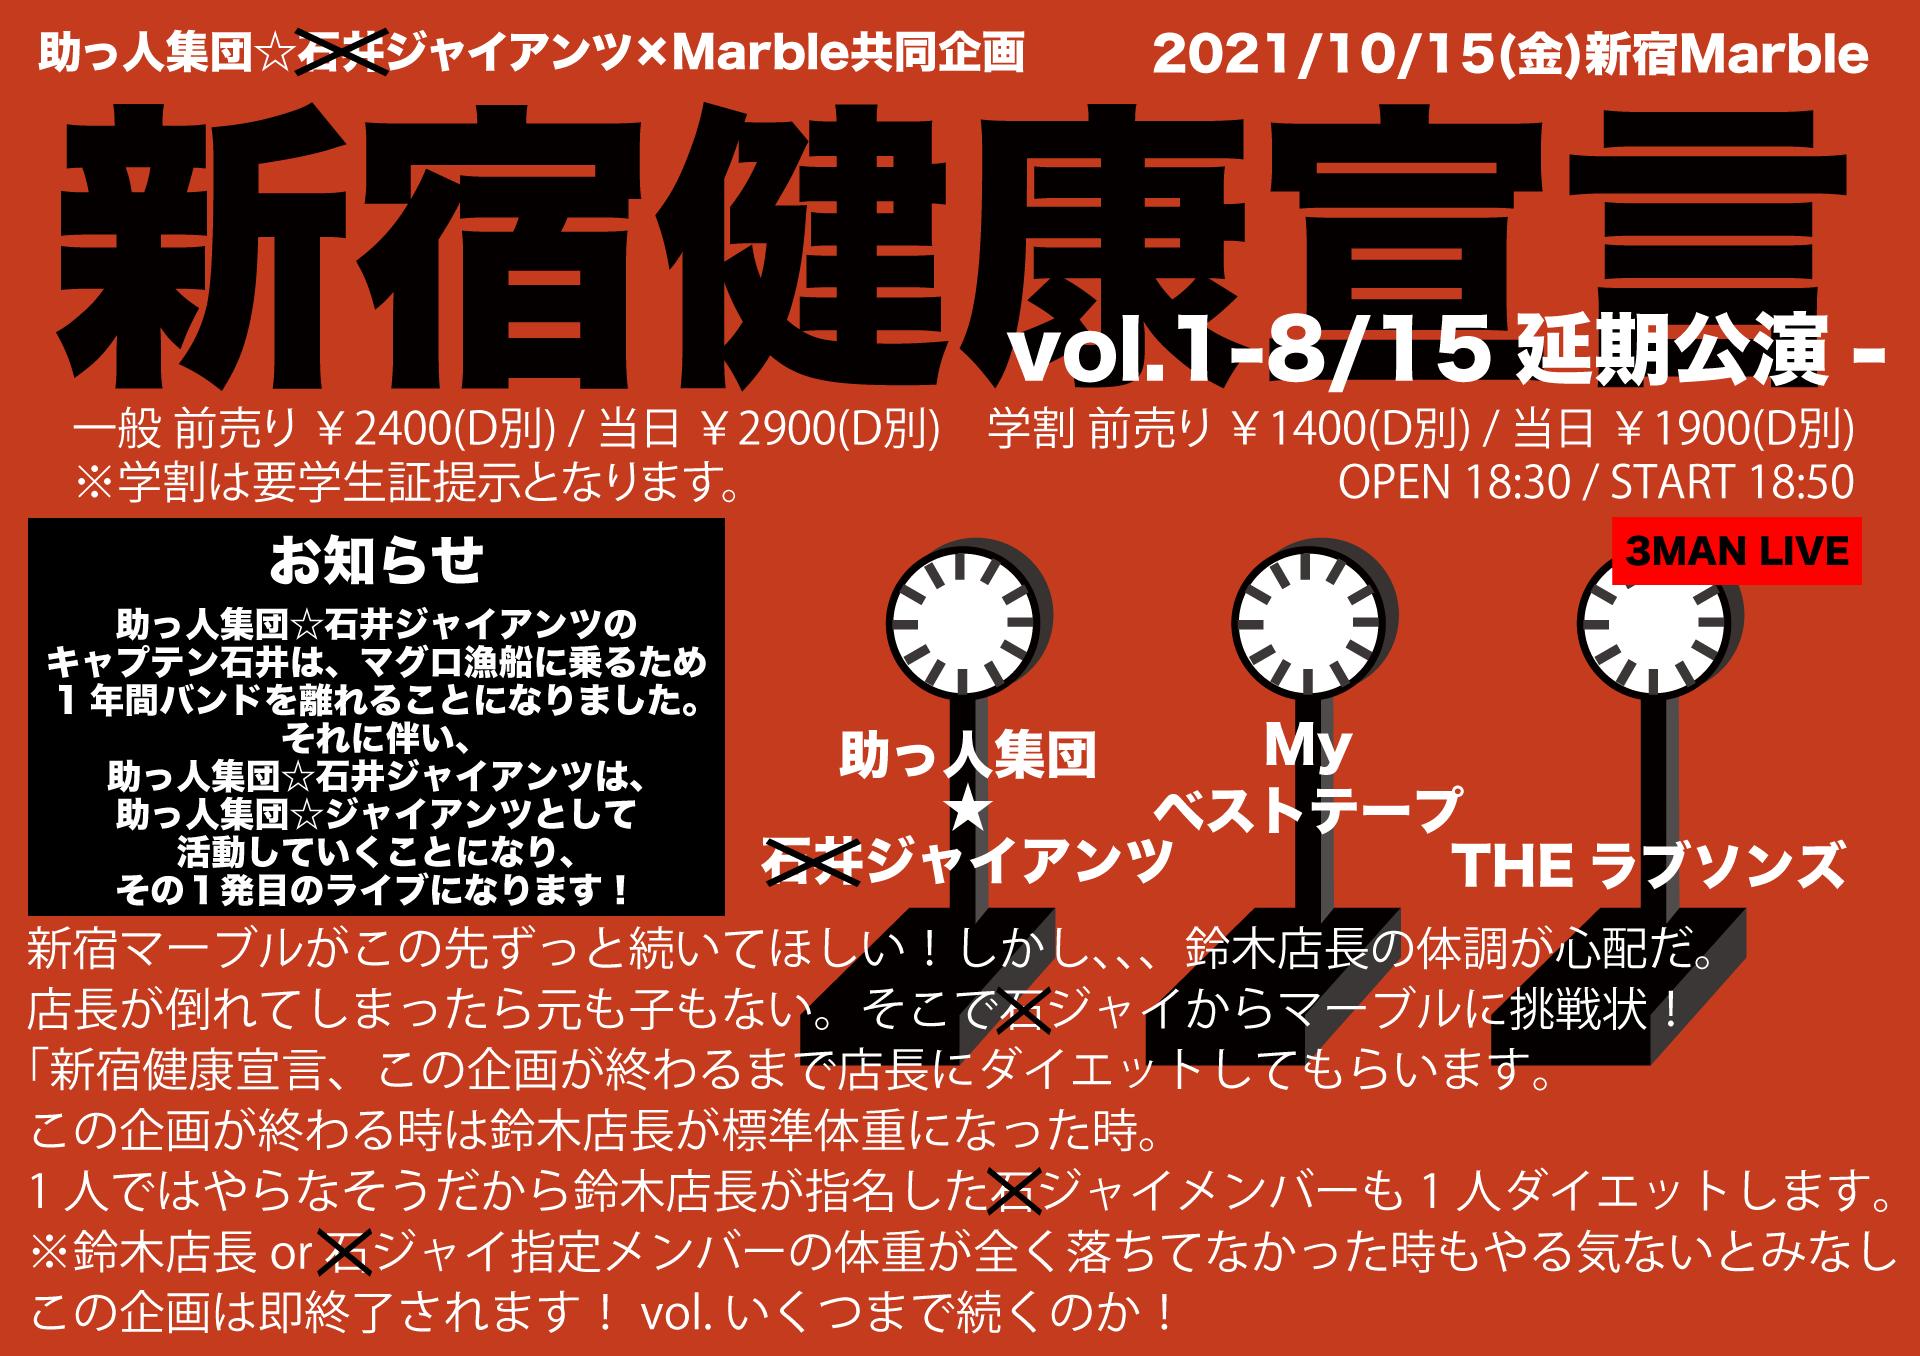 助っ人集団☆ジャイアンツ×Marble共同企画「新宿健康宣言 vol.1-8/15延期公演-」